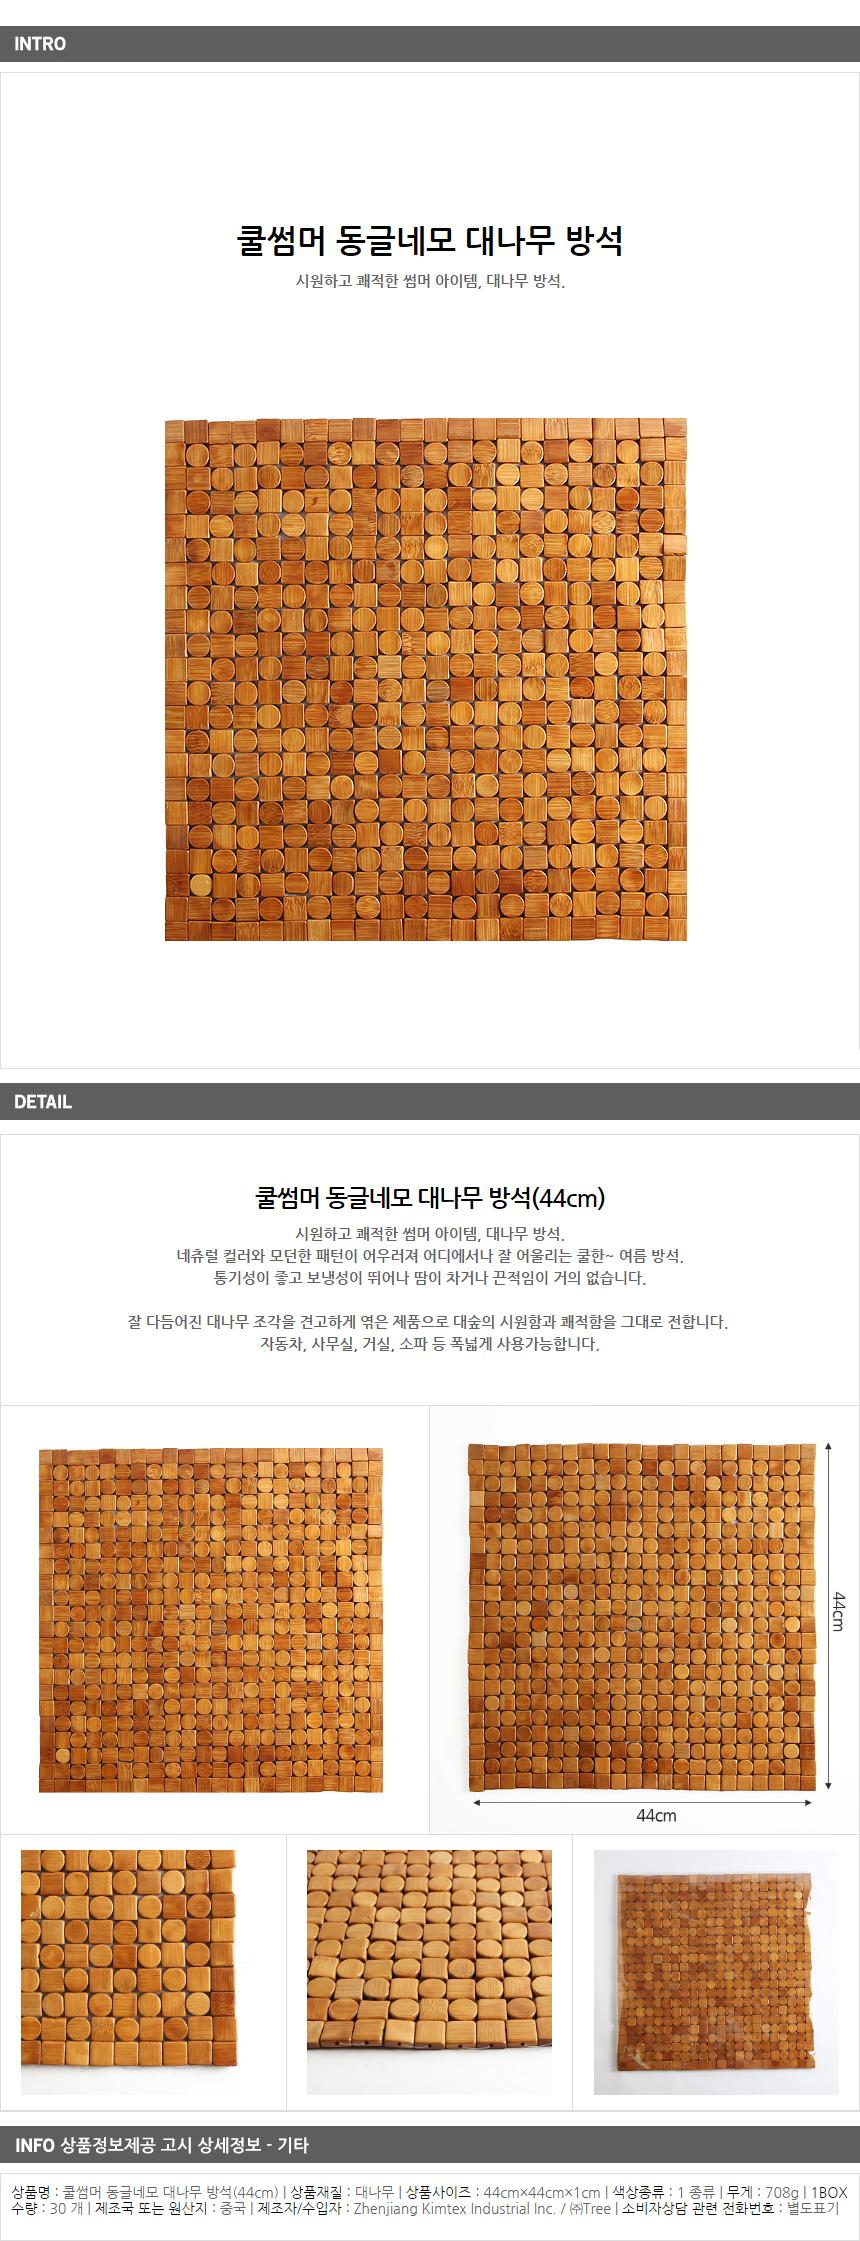 쿨방석 대나무 방석/차량용방석 여름방석 통풍방석 - 기프트갓, 10,250원, 방석, 여름방석